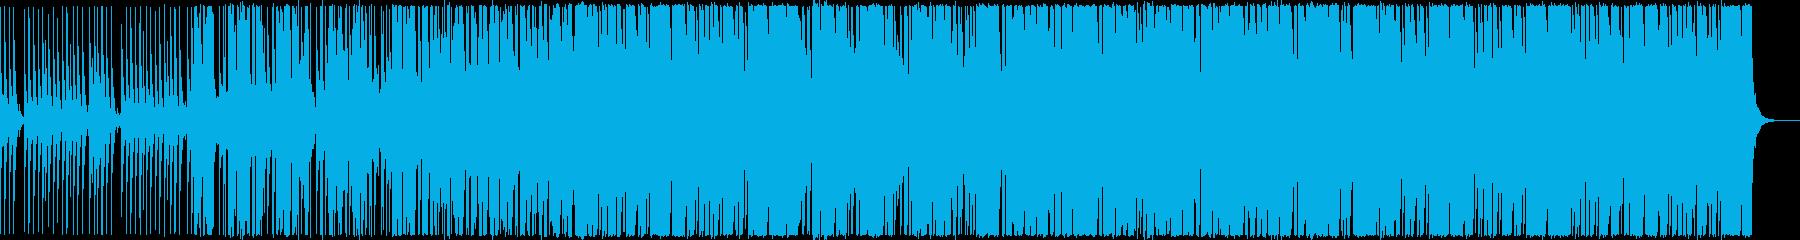 疾走感のある切ないEDMの再生済みの波形